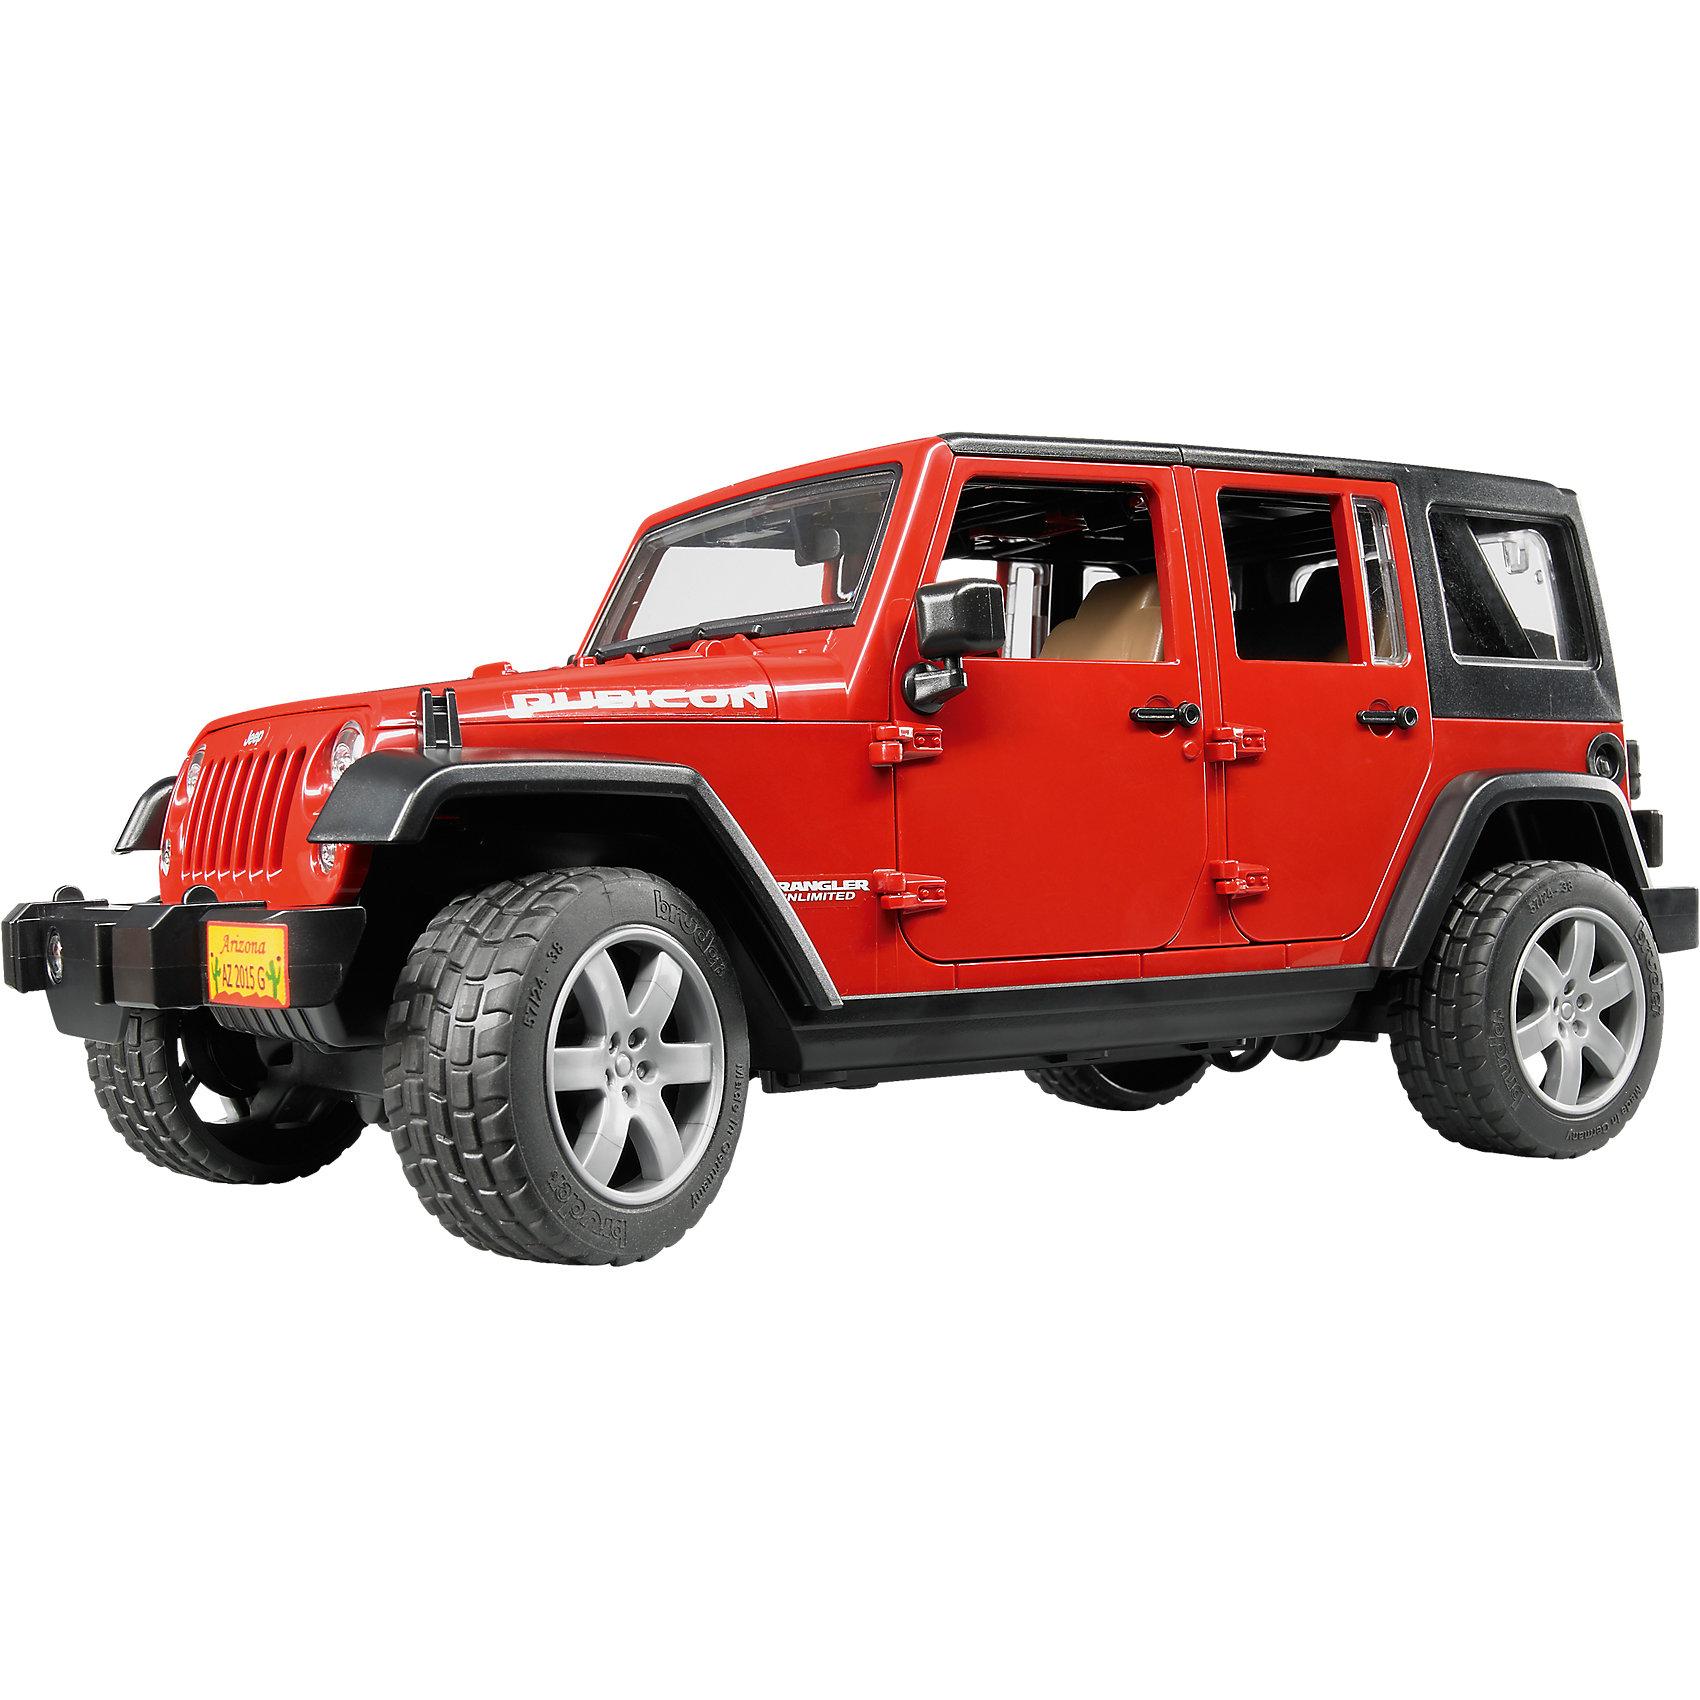 Внедорожник Jeep Wrangler, BruderМашинки<br>Внедорожник Jeep Wrangler, Bruder (Брудер) – игрушка, выполненная в строгом соответствии и с соблюдением всех особенностей настоящего авто.<br>Внедорожник Jeep Wrangler от немецкого производителя игрушек Bruder (Брудер) станет не только основой для интереснейших сюжетных игр, но и прекрасным экземпляром в коллекции Вашего ребенка. Помимо открывающихся дверей, багажника, заднего окна и капота, а также съемного тента и задних сидений, у машинки есть работающая рулевая передача - передние колеса поворачиваются вслед за рулем. Машинкой можно управлять через открытый люк в крыше при помощи специального рычага, который удлиняет рулевую стойку. На передних и задних осях внедорожника установлены амортизаторы, позволяющие машине ездить даже по неровной поверхности, преодолевая различные препятствия. Прорезиненные колеса джипа выполнены очень правдоподобно, они дополнены стильными дисками и имеют рельефные протекторы. Передние фары изготовлены из прочного прозрачного стекла. На задней двери находится функциональное запасное колесо. На заднем бампере расположено крепление, предназначенное для прикрепления прицепов. Игрушка изготовлена из высококачественного пластика, устойчивого к износу и ударам. Продукция сертифицирована, экологически безопасна для ребенка, использованные красители не токсичны и гипоаллергенны.<br><br>Дополнительная информация:<br><br>- Длина внедорожника: 31 см.<br>- Масштаб 1:16<br>- Материал: высококачественный пластик<br>- Цвет: хаки, черный<br>- Размер упаковки: 32,9 x 14,2 x 14,4 см.<br>- Вес: 1,05 кг.<br><br>Внедорожник Jeep Wrangler, Bruder (Брудер) можно купить в нашем интернет-магазине.<br><br>Ширина мм: 381<br>Глубина мм: 185<br>Высота мм: 162<br>Вес г: 929<br>Возраст от месяцев: 36<br>Возраст до месяцев: 96<br>Пол: Мужской<br>Возраст: Детский<br>SKU: 4233754